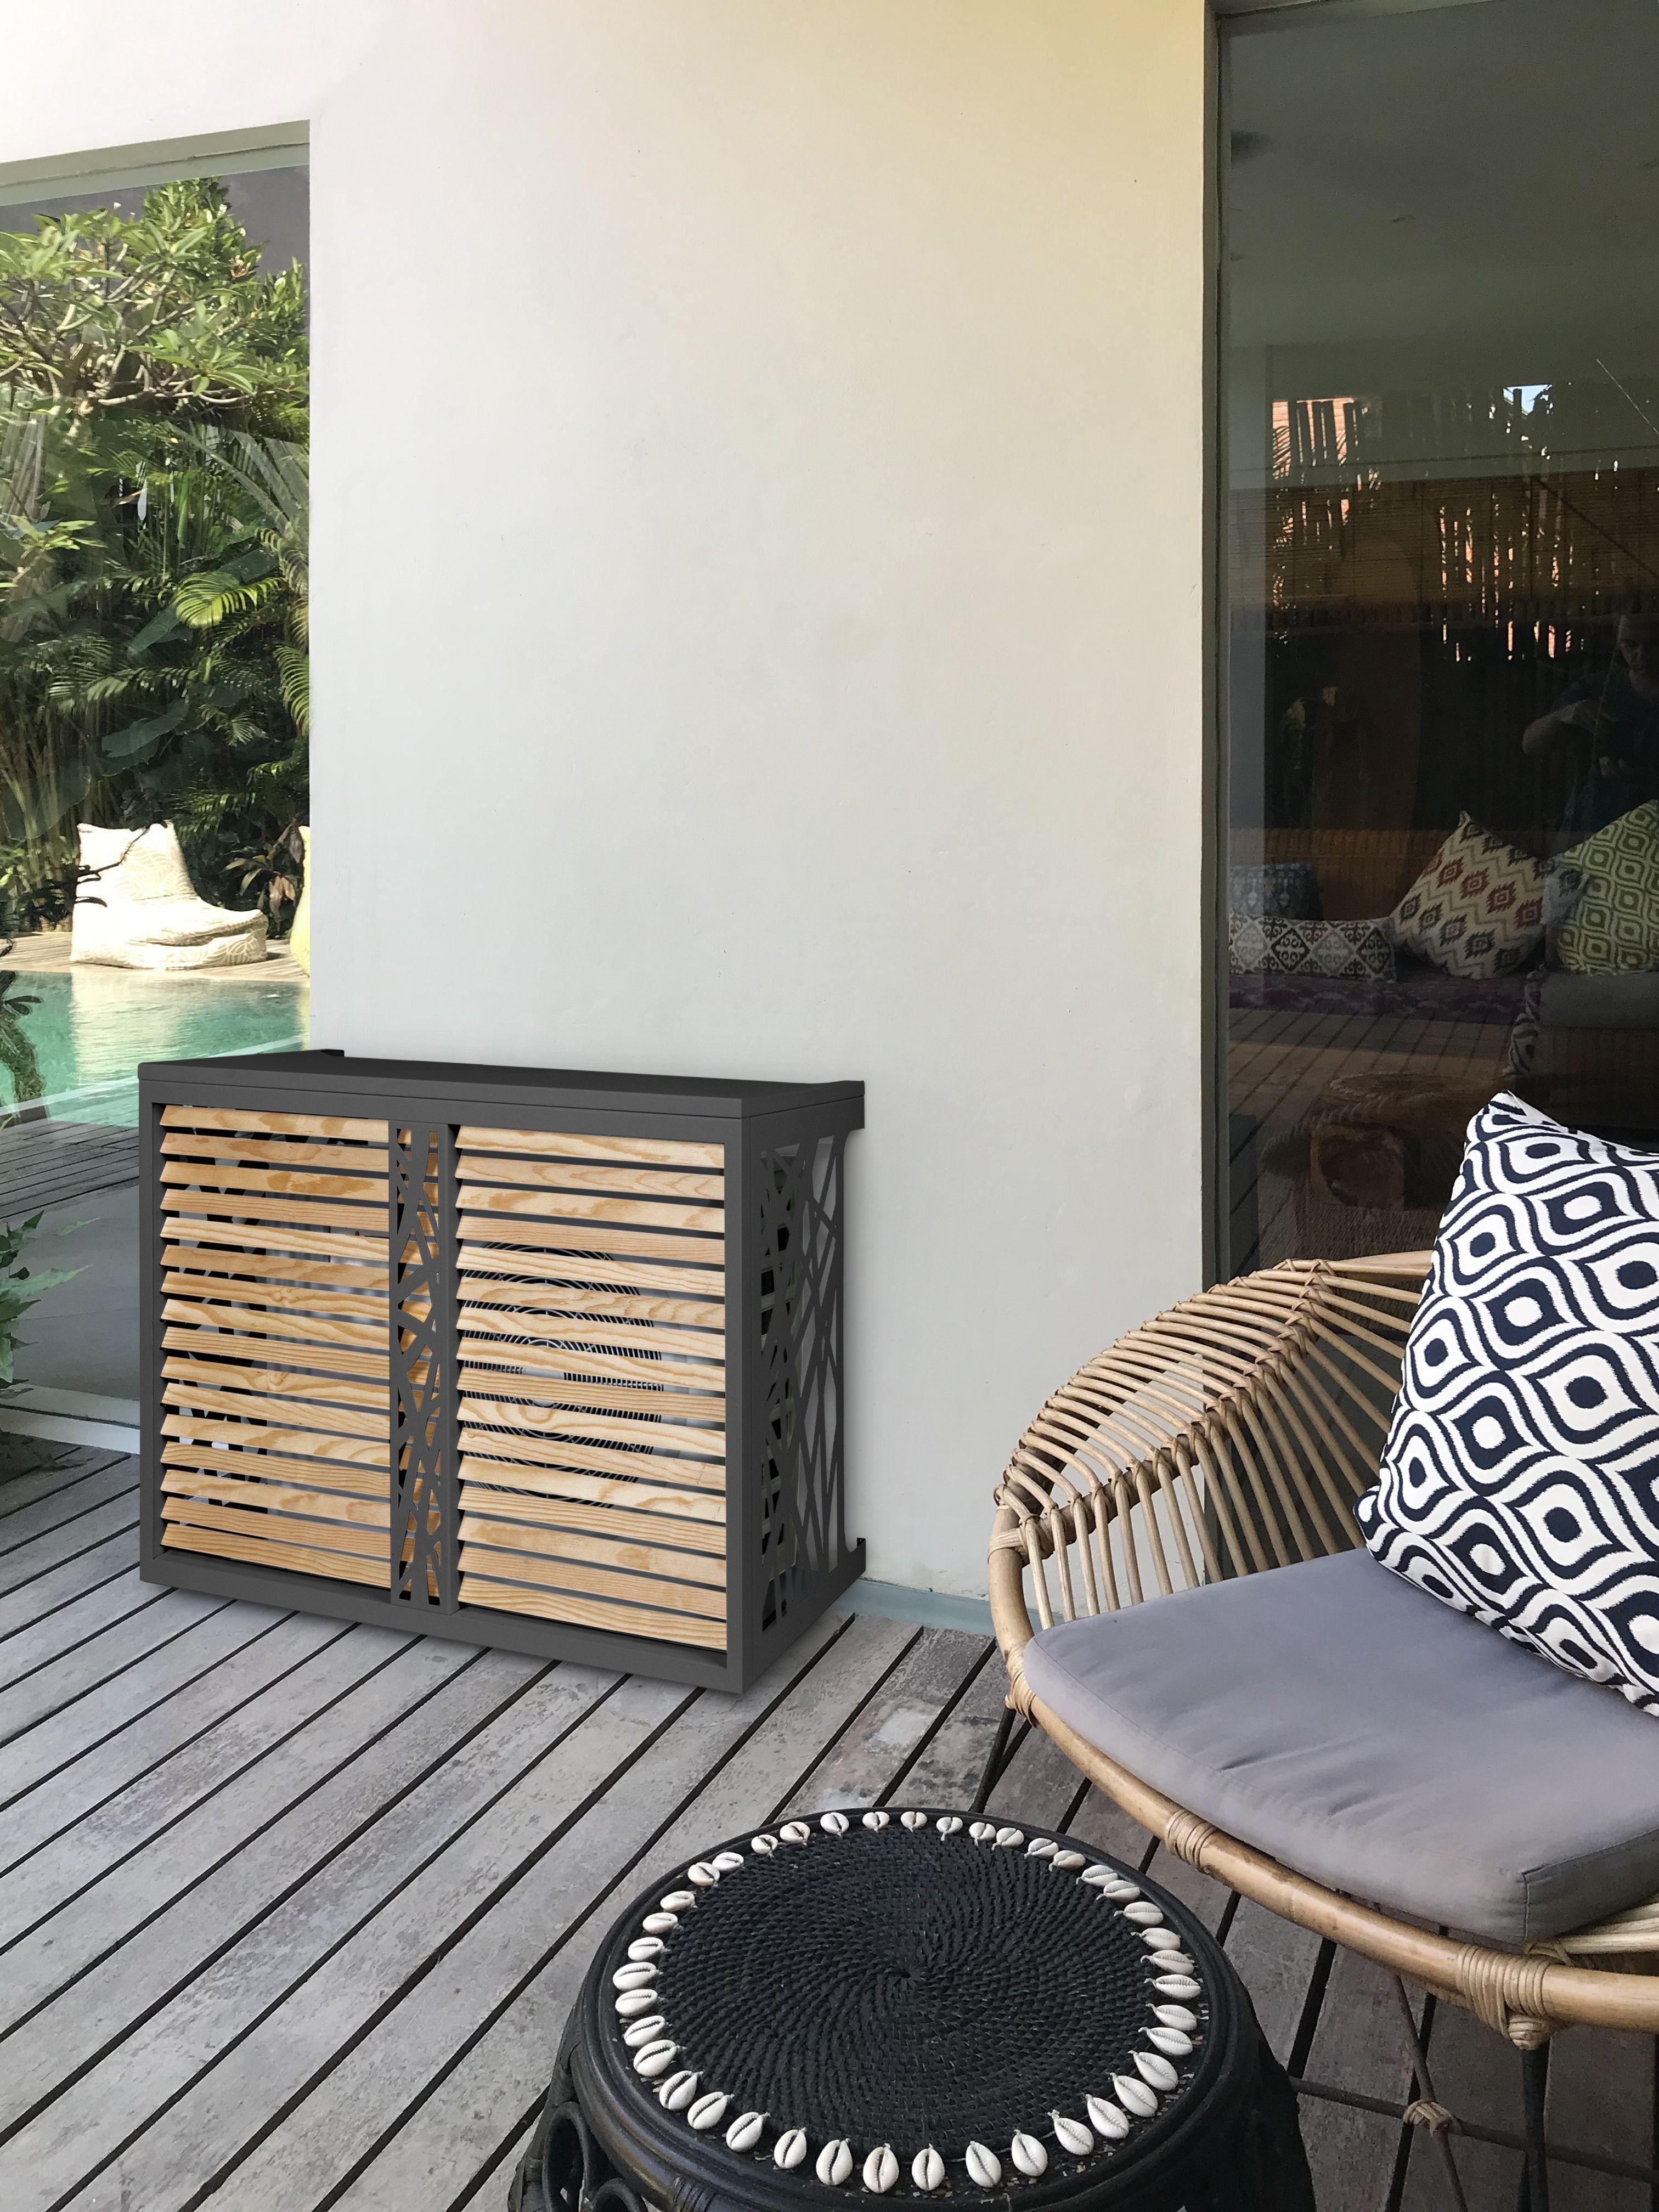 Cache Clim Pas Cher habillage climatisation mural en bois et aluminium